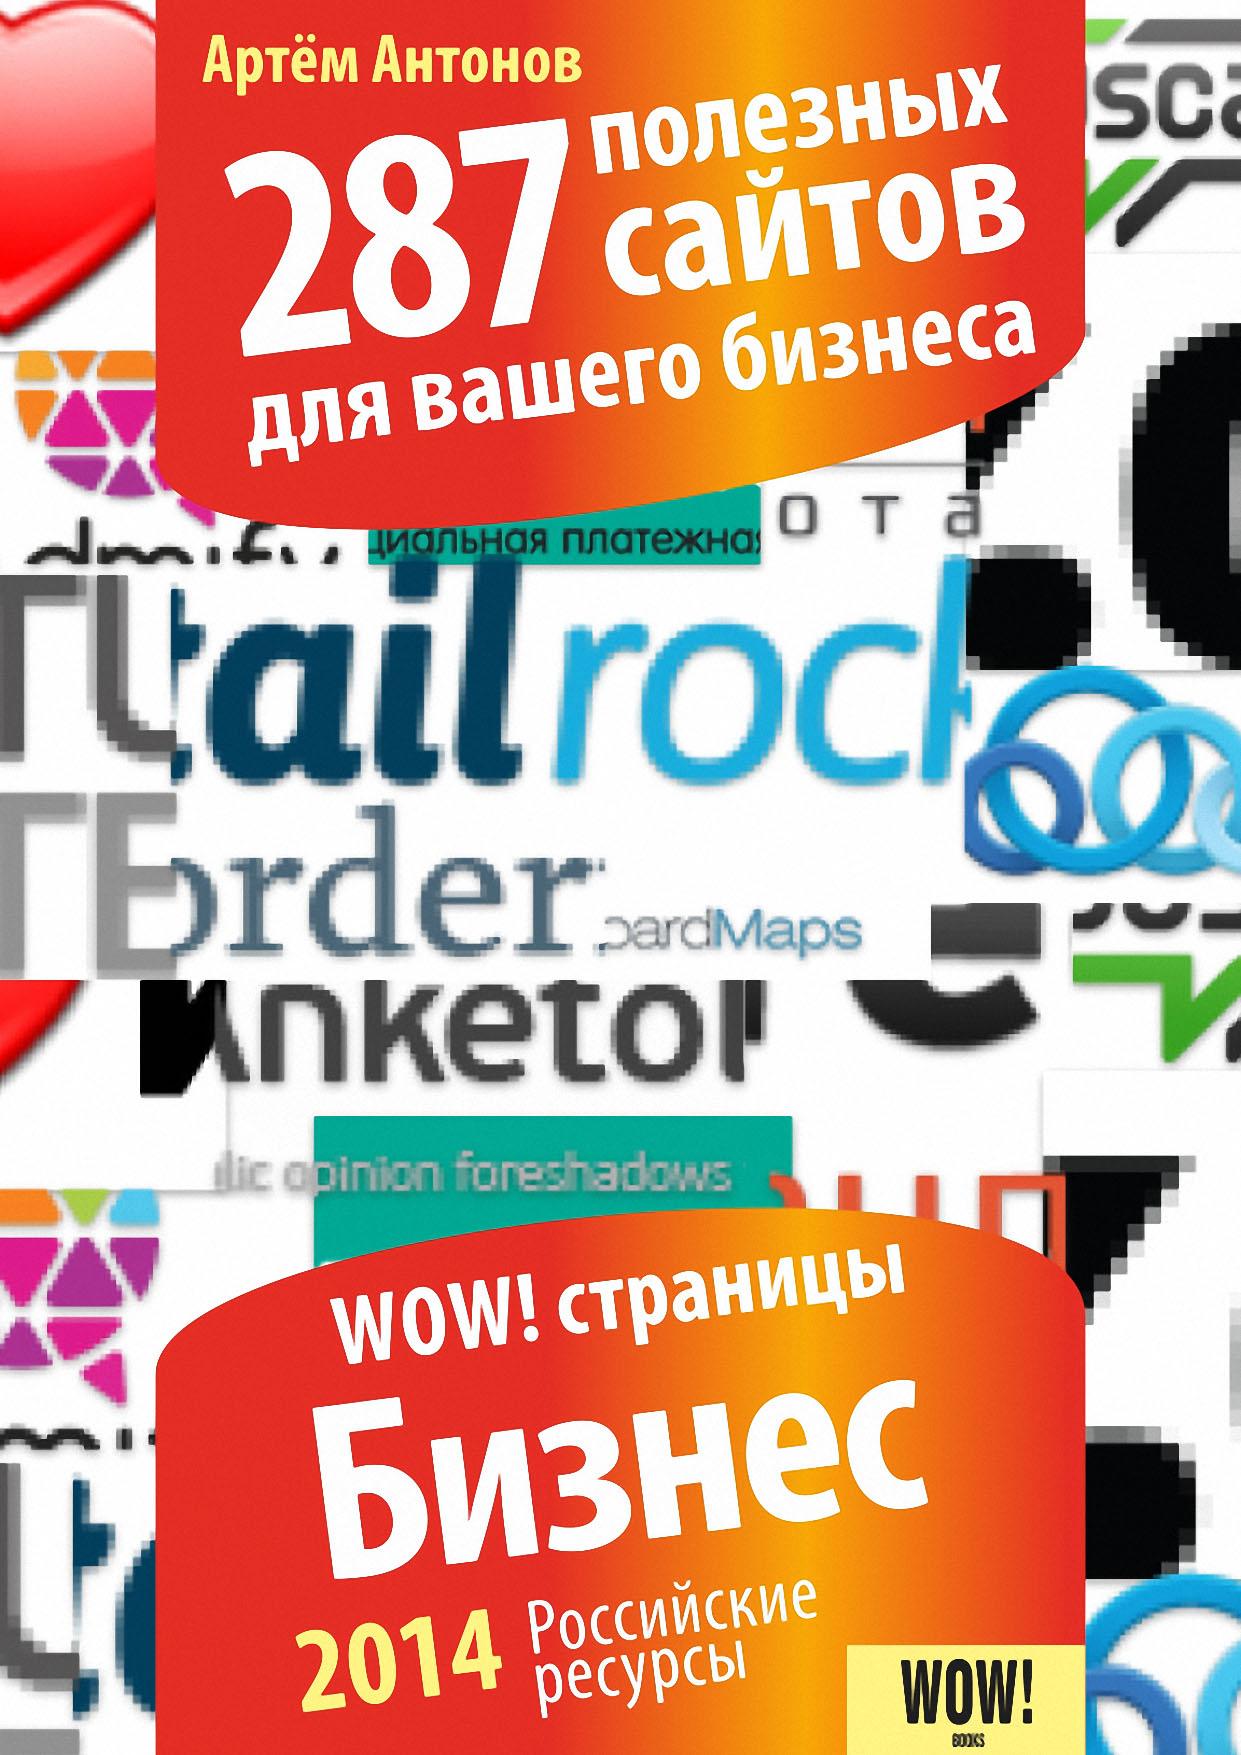 Артём Антонов 287 полезных сайтов для вашего бизнеса игорь липсиц маркетинг для топ менеджеров 70 лучших идей для вашего бизнеса